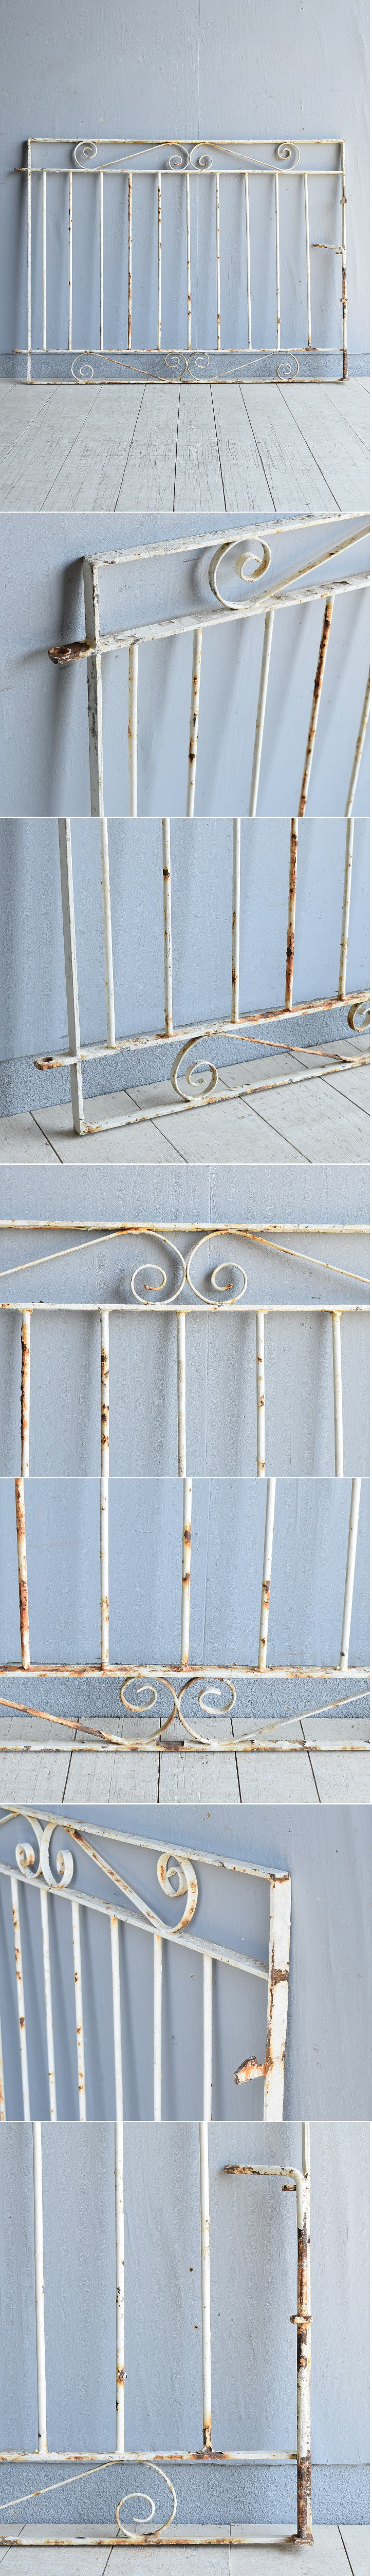 イギリス アンティーク アイアンフェンス ゲート柵 ガーデニング 7965